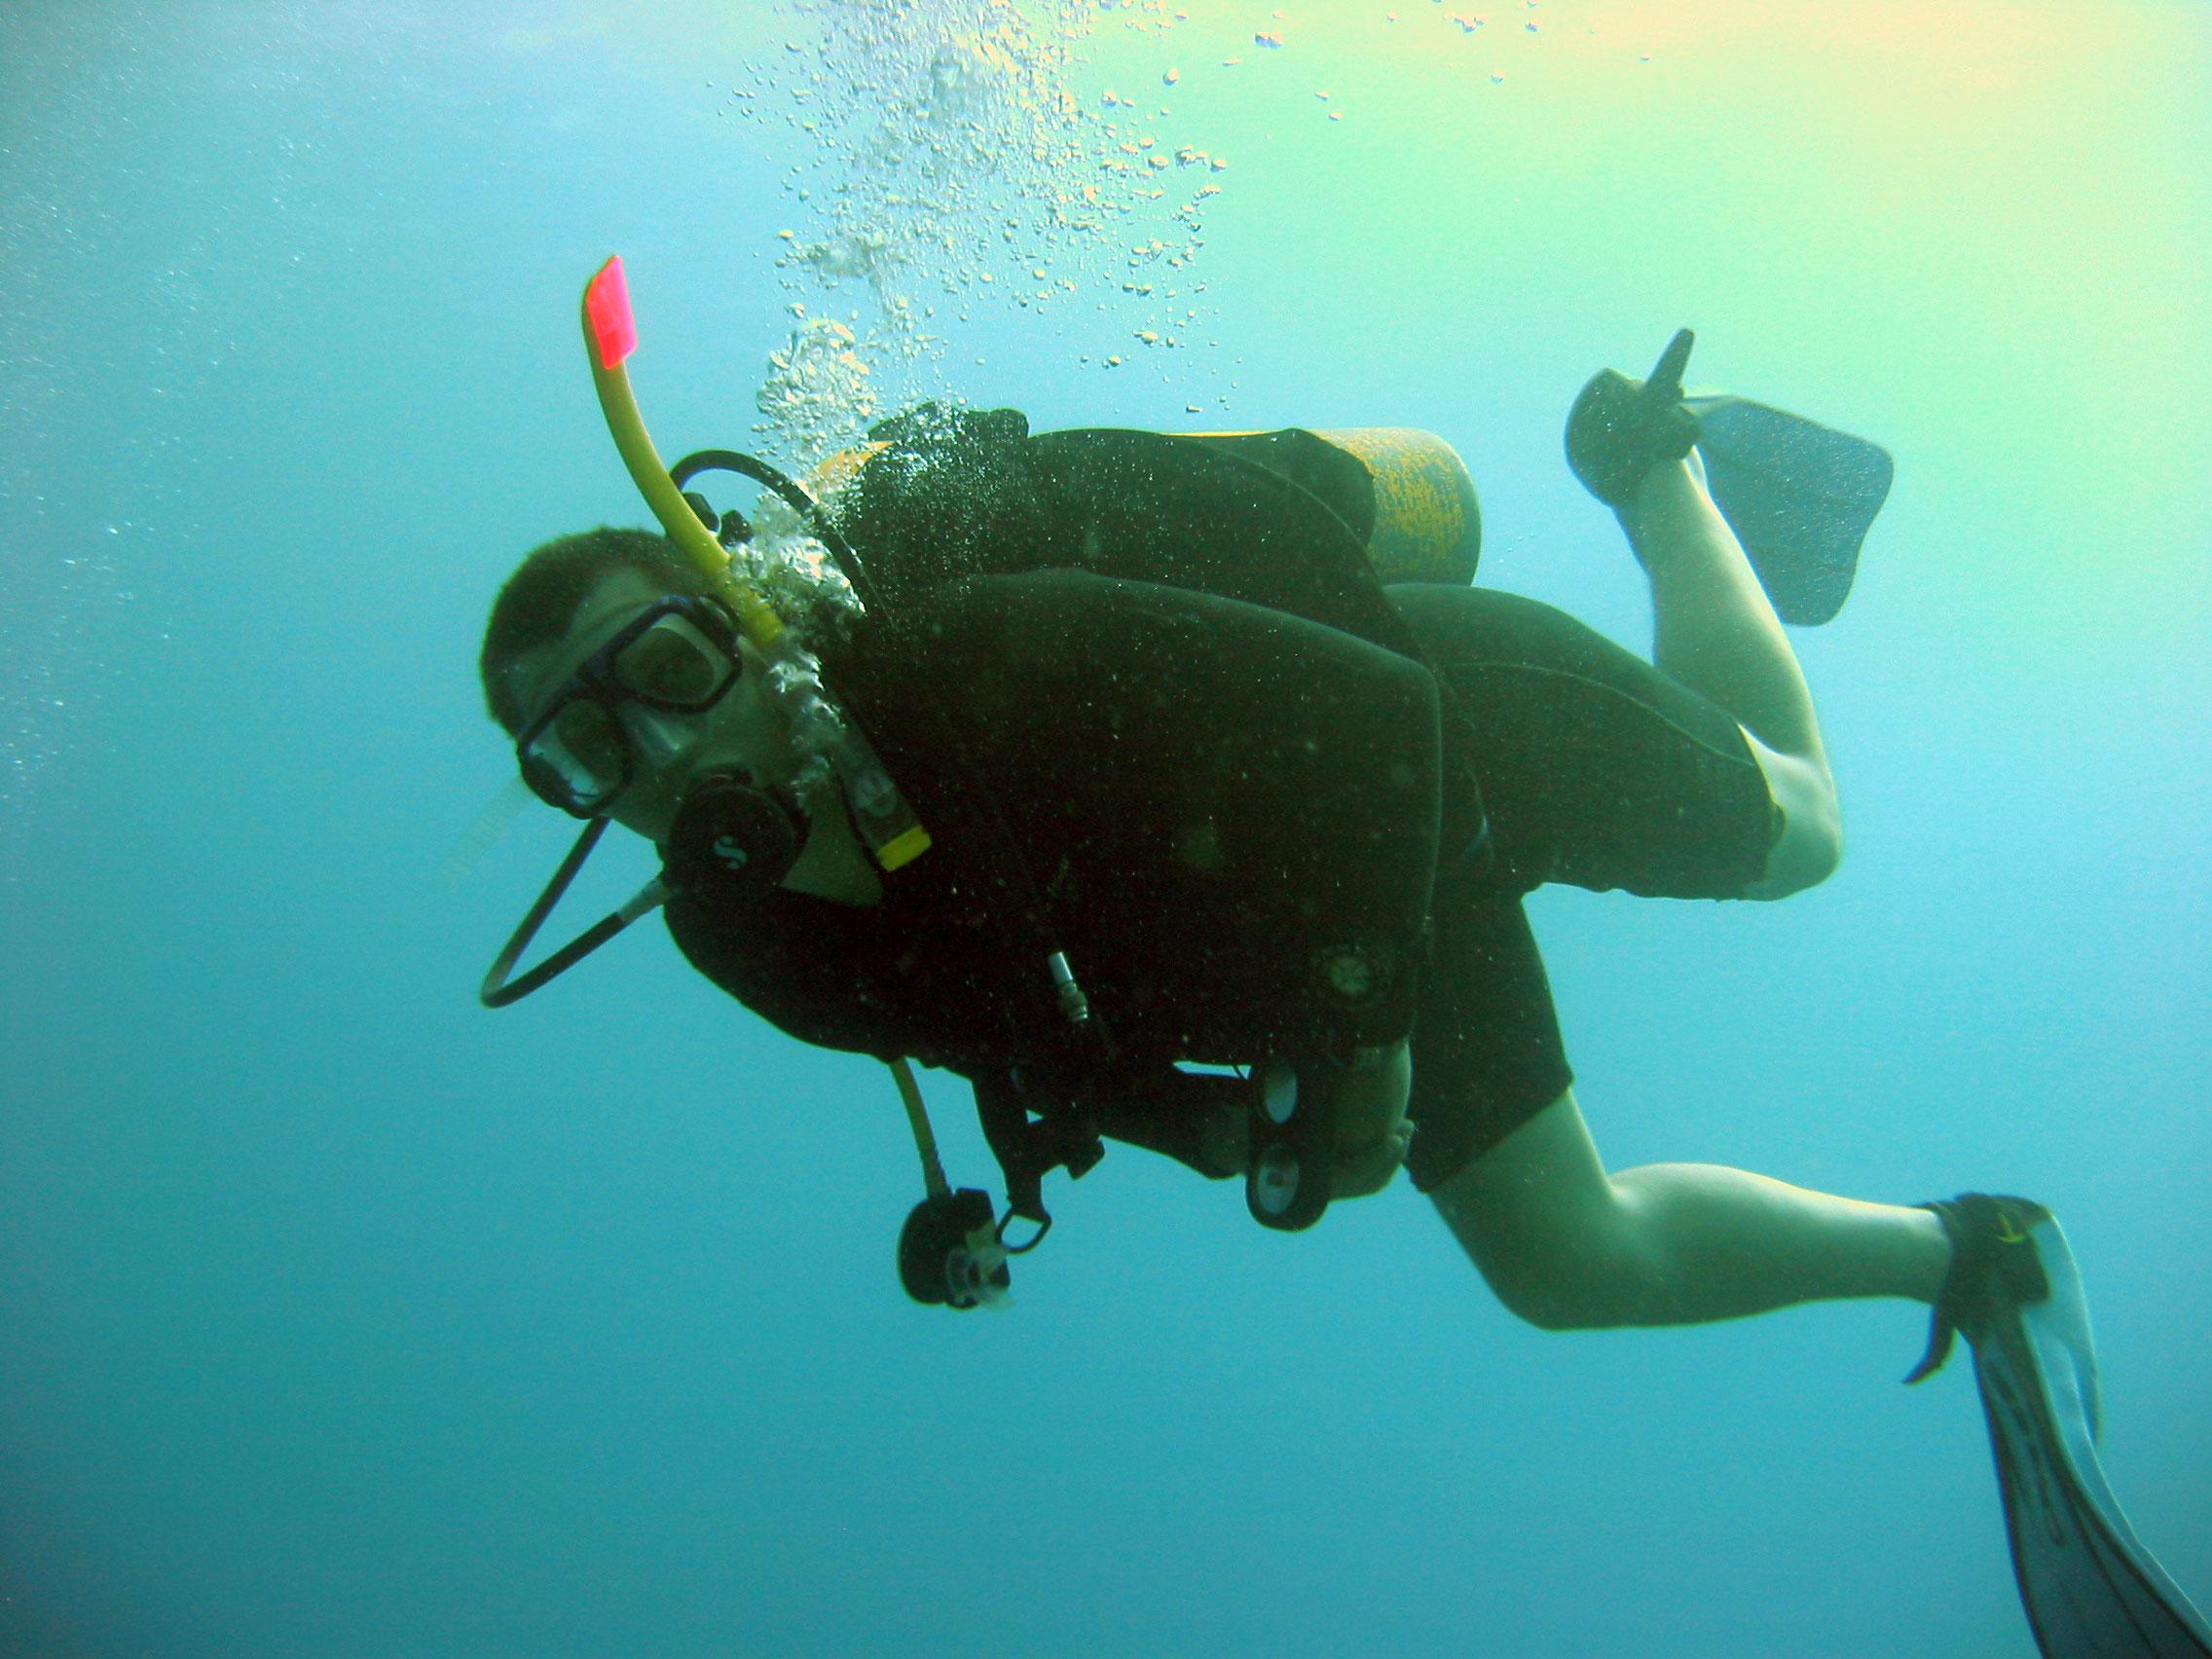 Préverenges : brevet de plongée PADI Scuba Diver chez Deep Turtle pour 295 au